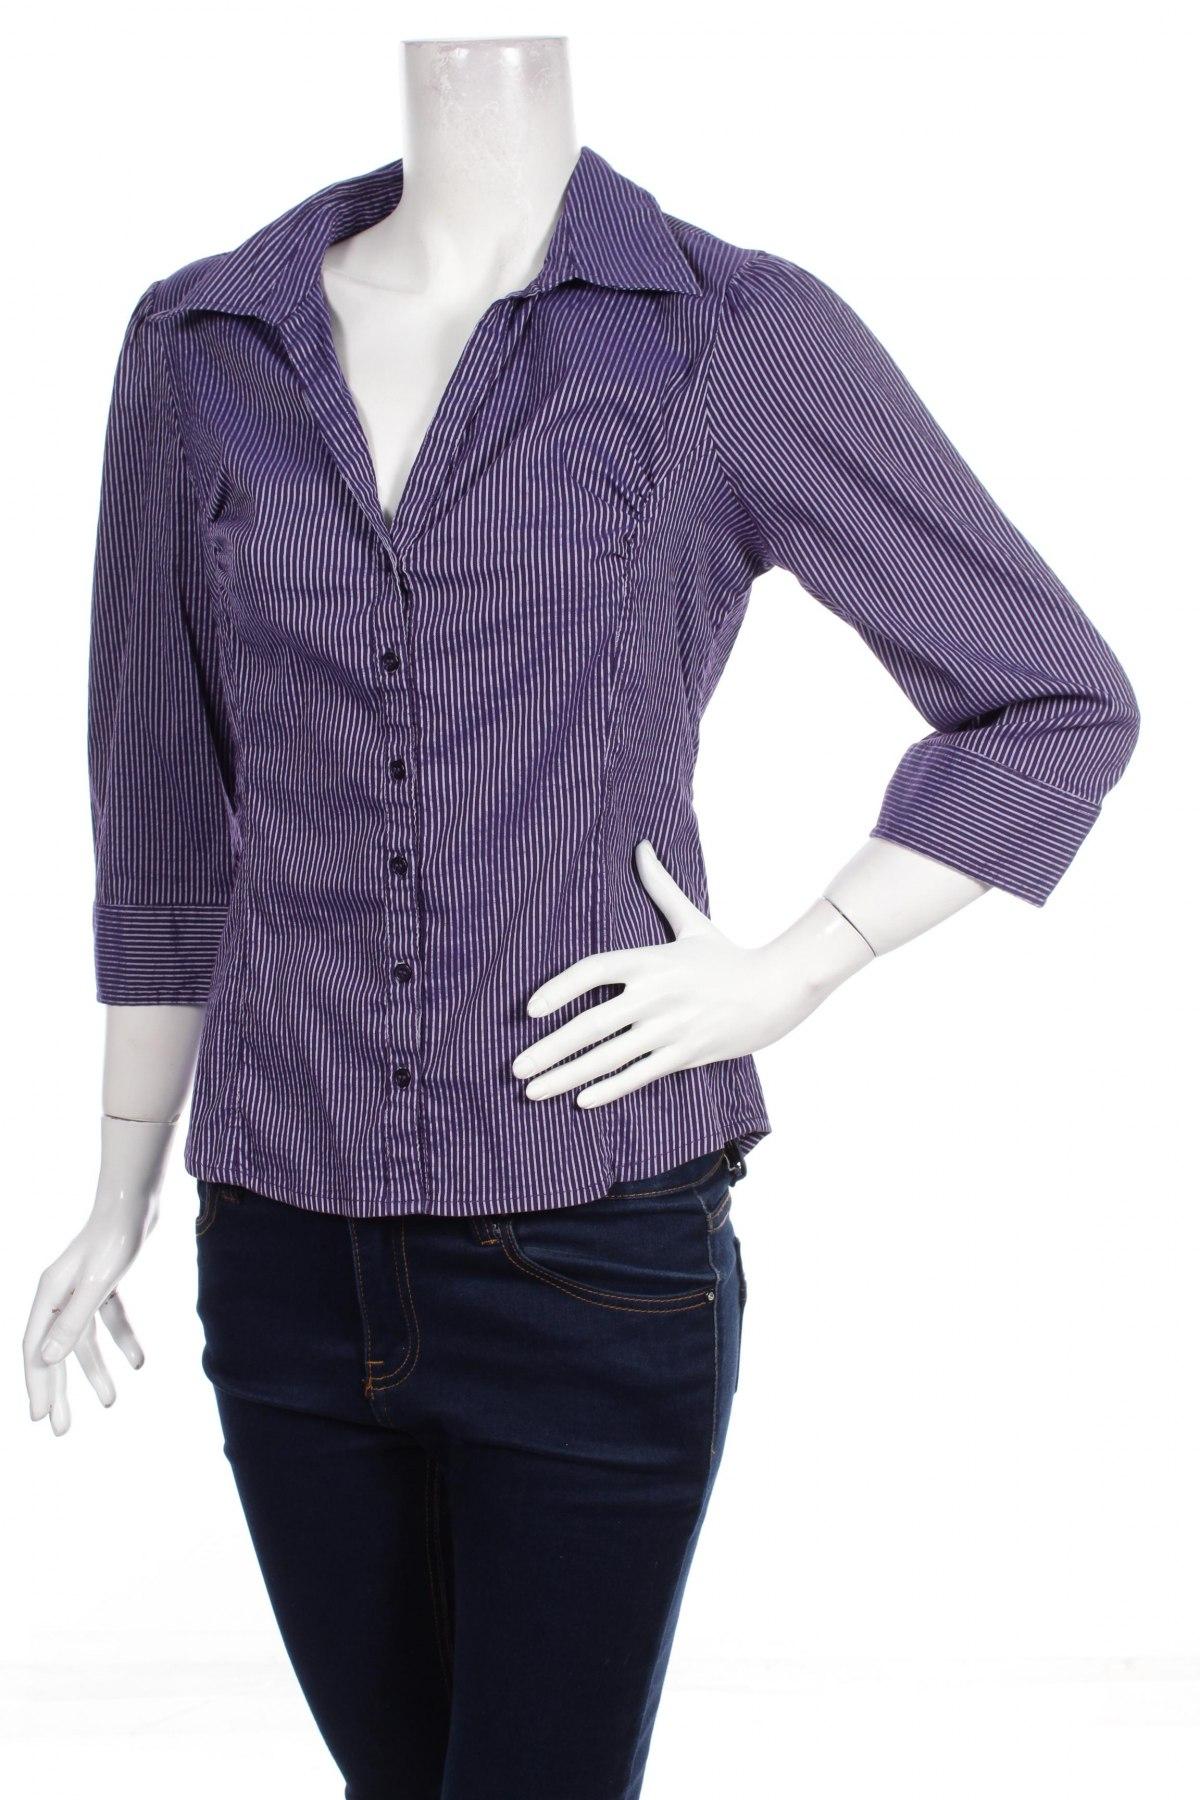 Γυναικείο πουκάμισο H&M, Μέγεθος L, Χρώμα Βιολετί, Τιμή 15,46€